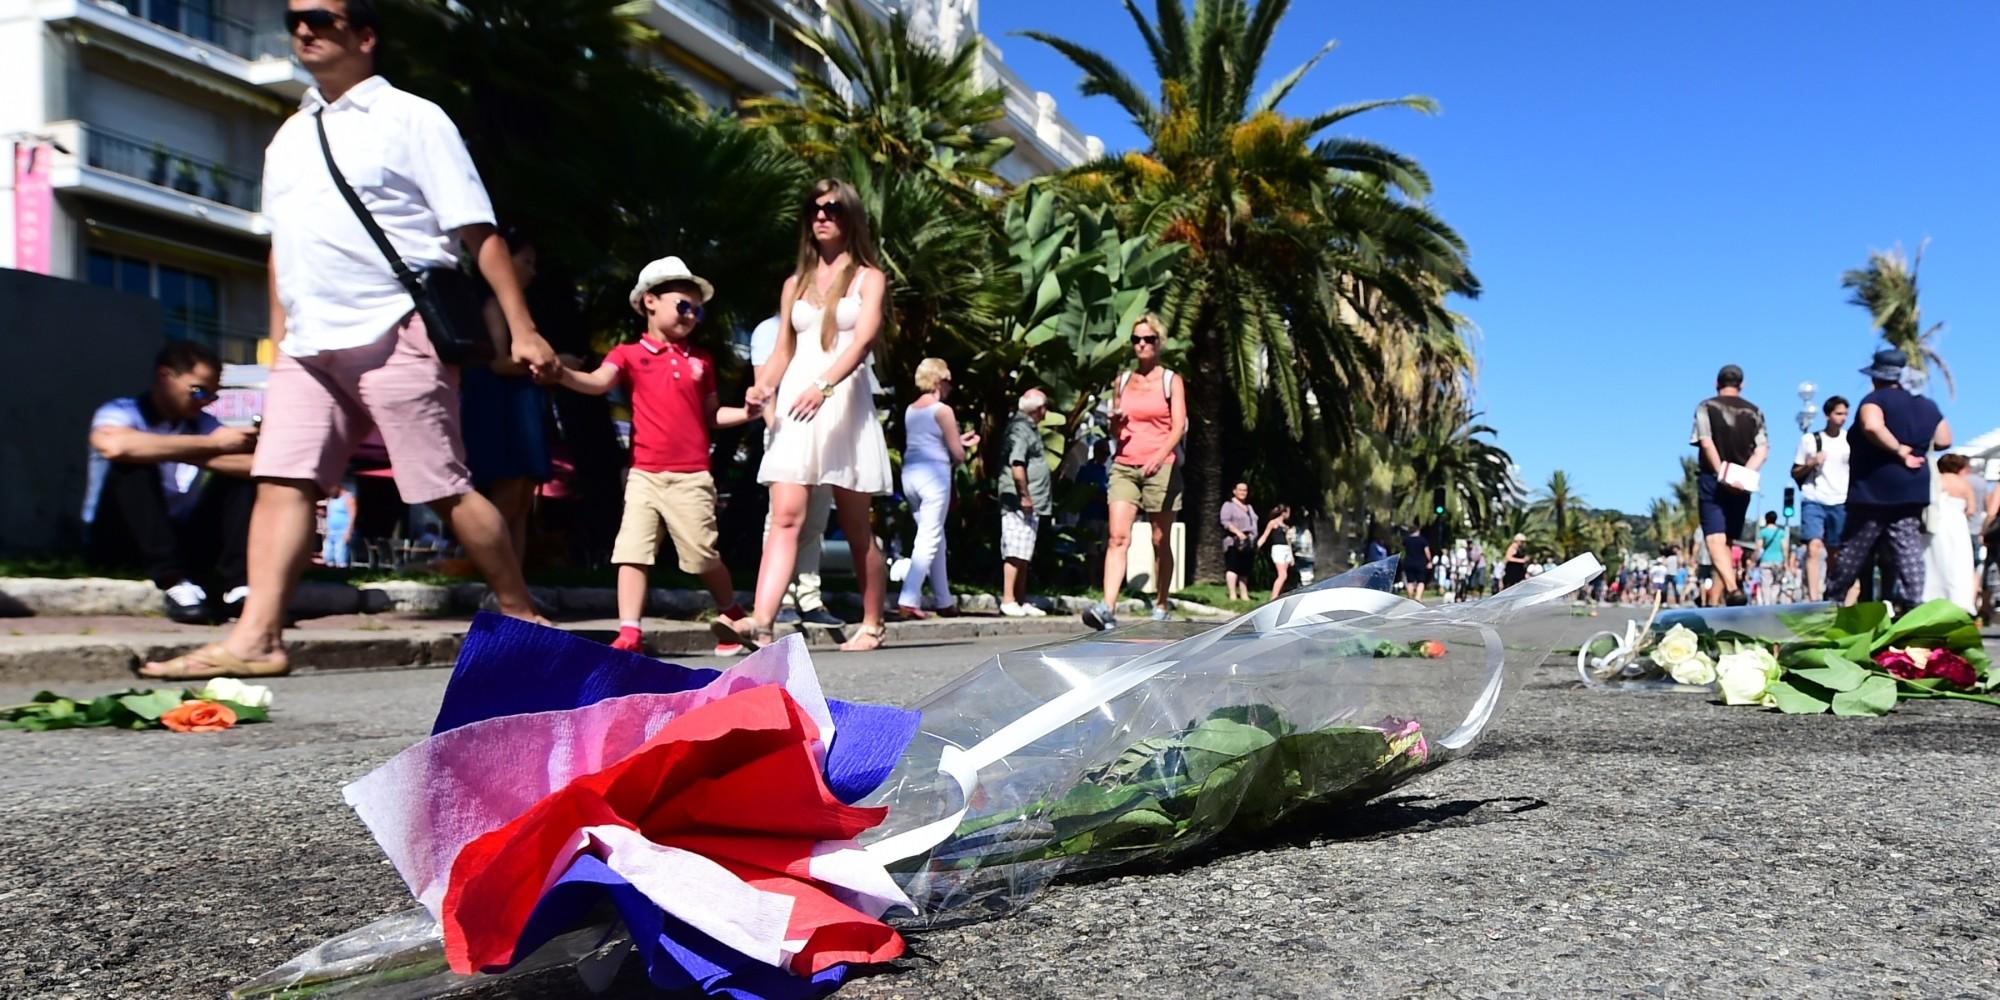 Attentat Facebook: Attentat De Nice: Familles En Vacances, Touristes